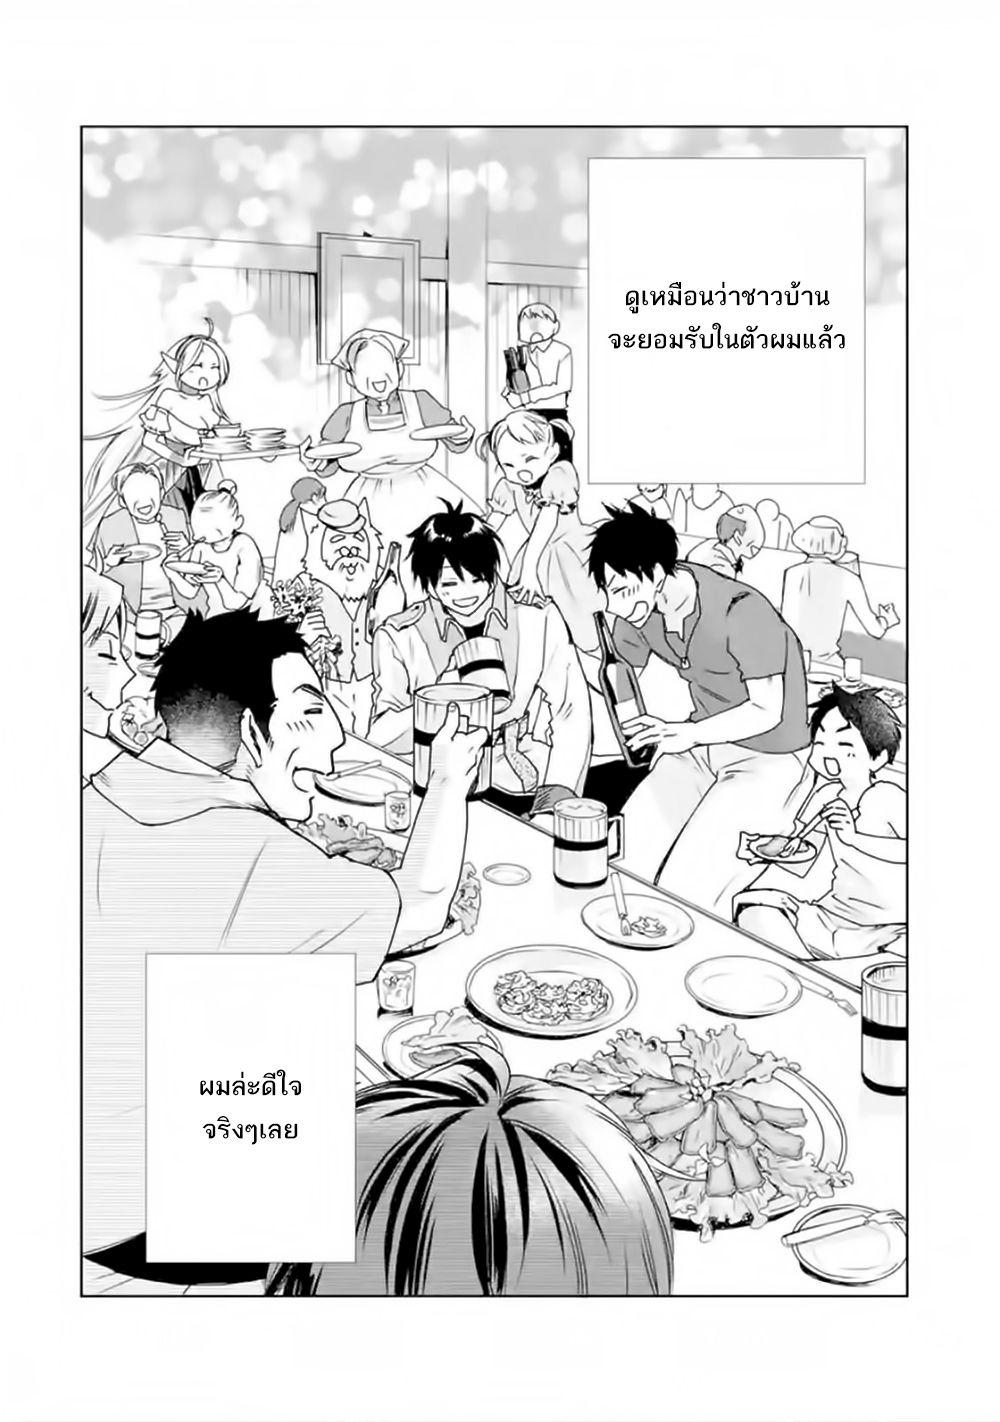 อ่านการ์ตูน Saikyo no mado-shi. Hiza ni ya o ukete shimattanode inaka no eihei ni naru ตอนที่ 2.3 หน้าที่ 13